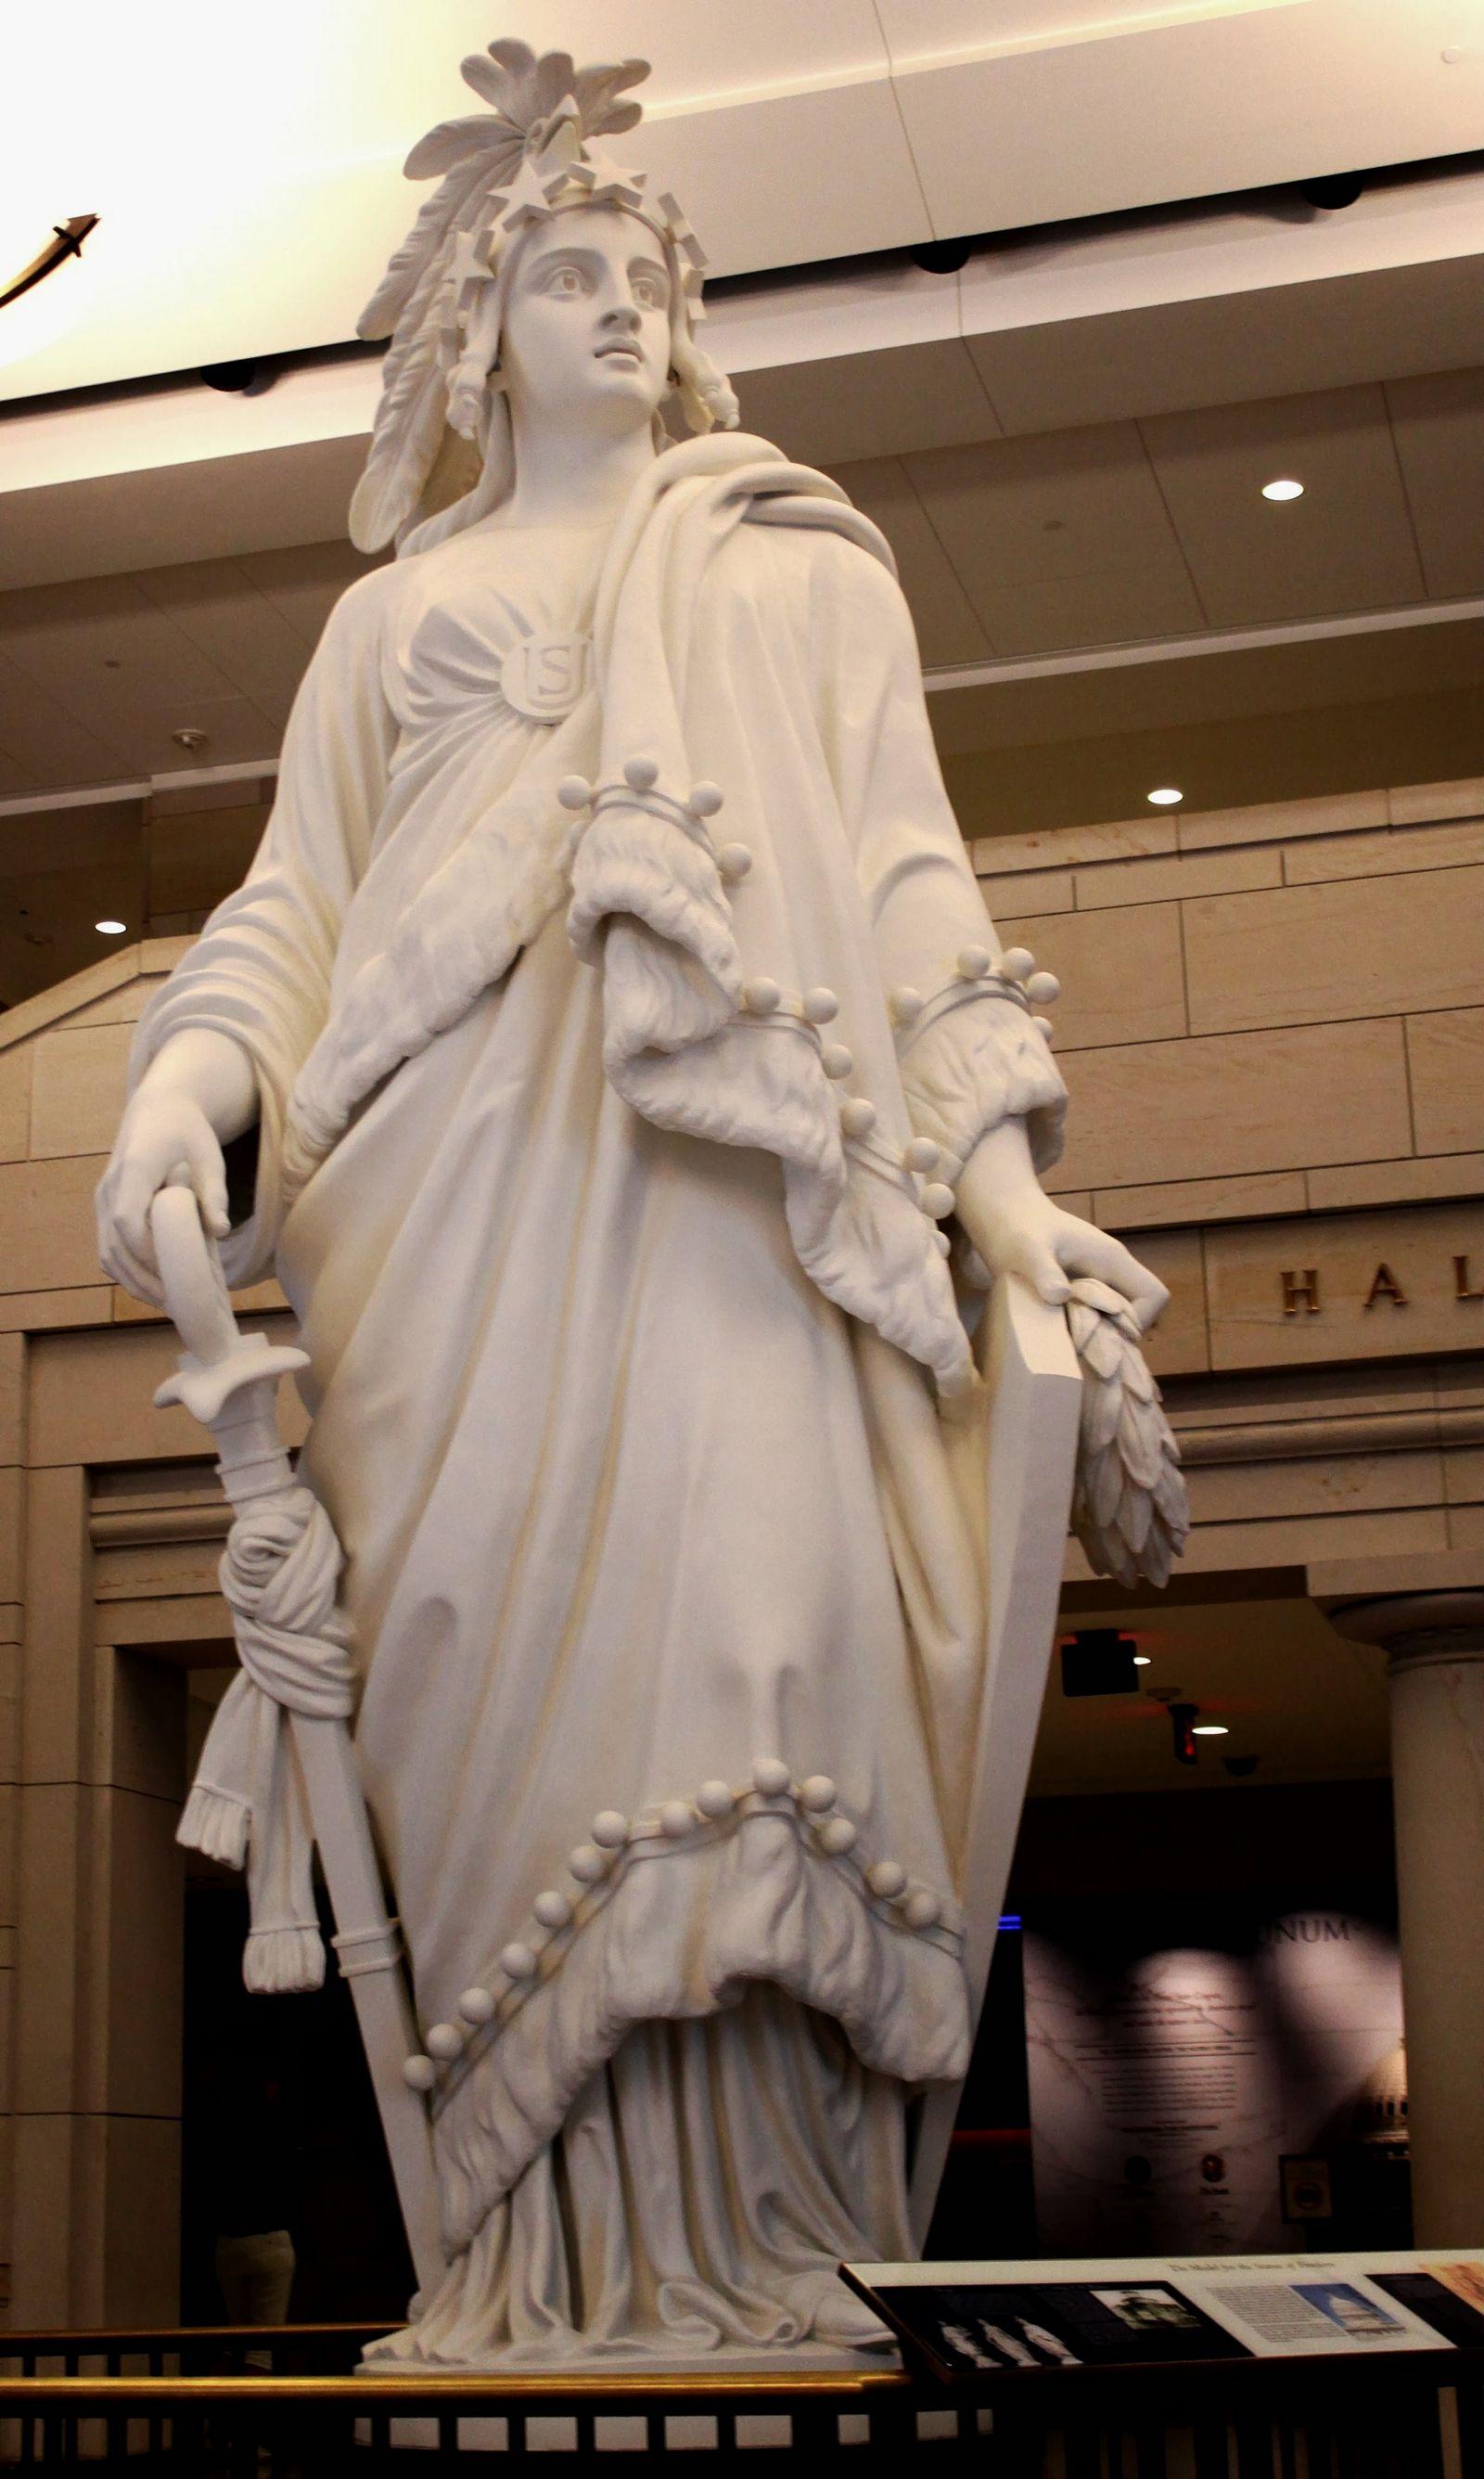 Modelo de la Estatua de la Libertad que corona la cúpula